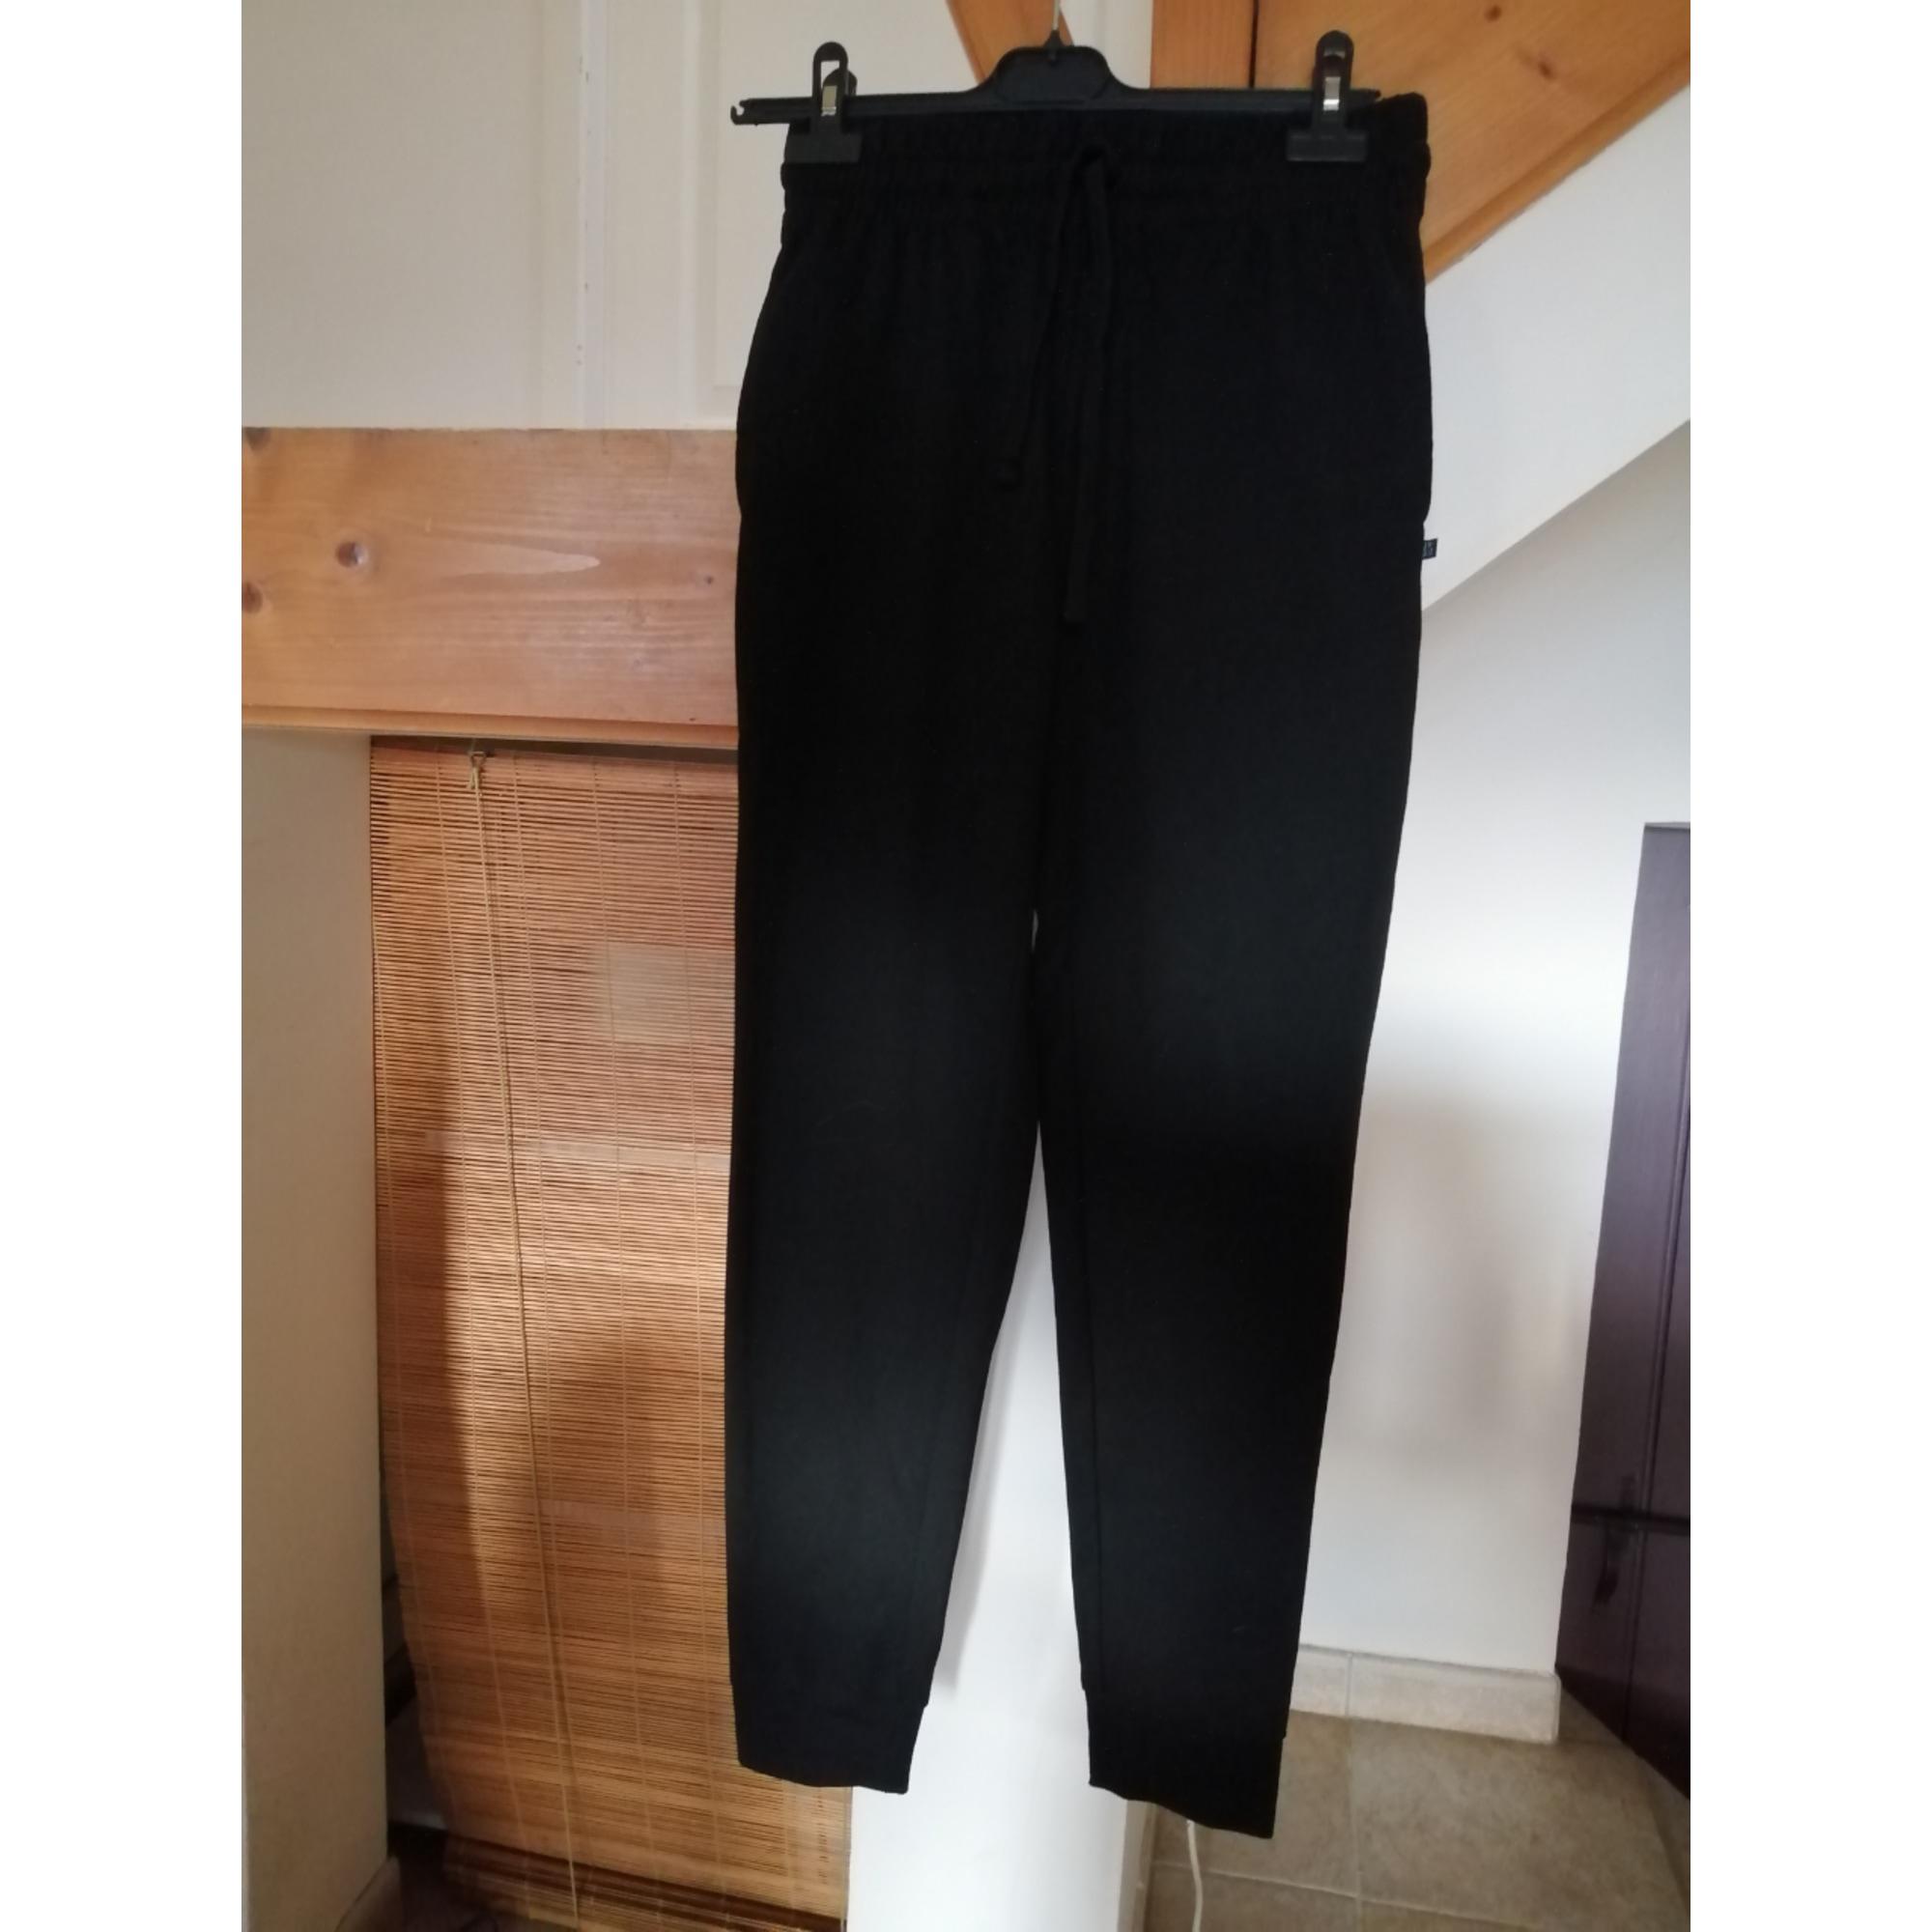 Pantalon de survêtement STAR WARS Noir